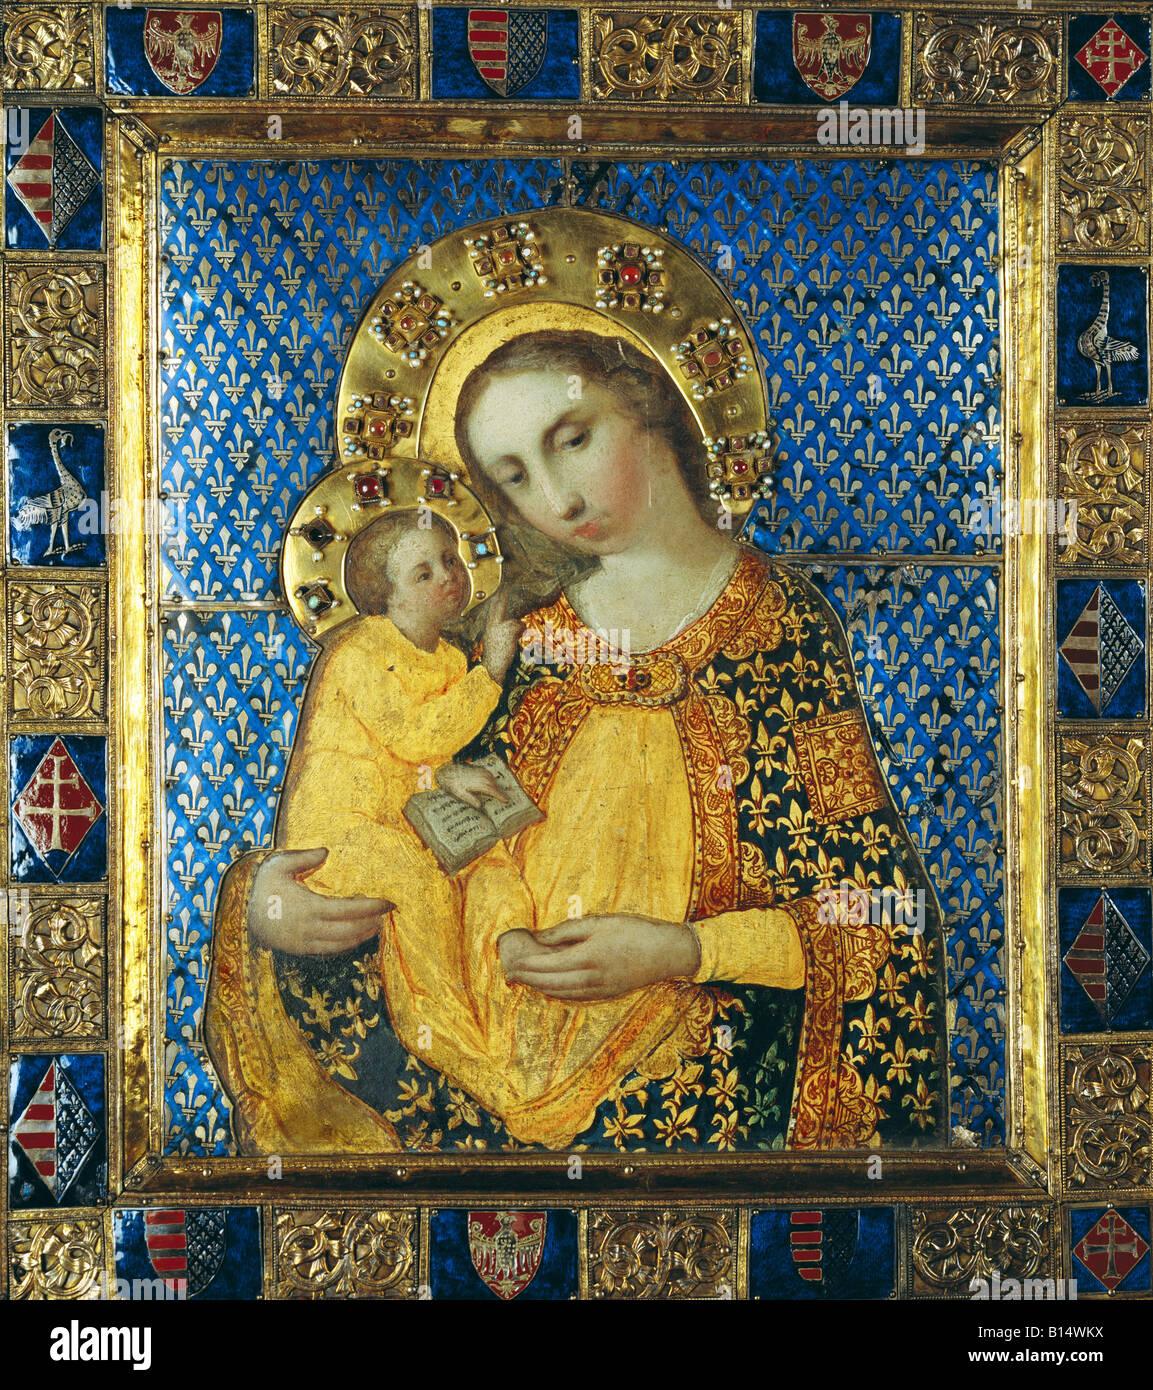 Belle arti, l'arte religiosa, Maria Vergine con Bambino, pittura, tempera su legno, gilted foglio d'argento Immagini Stock